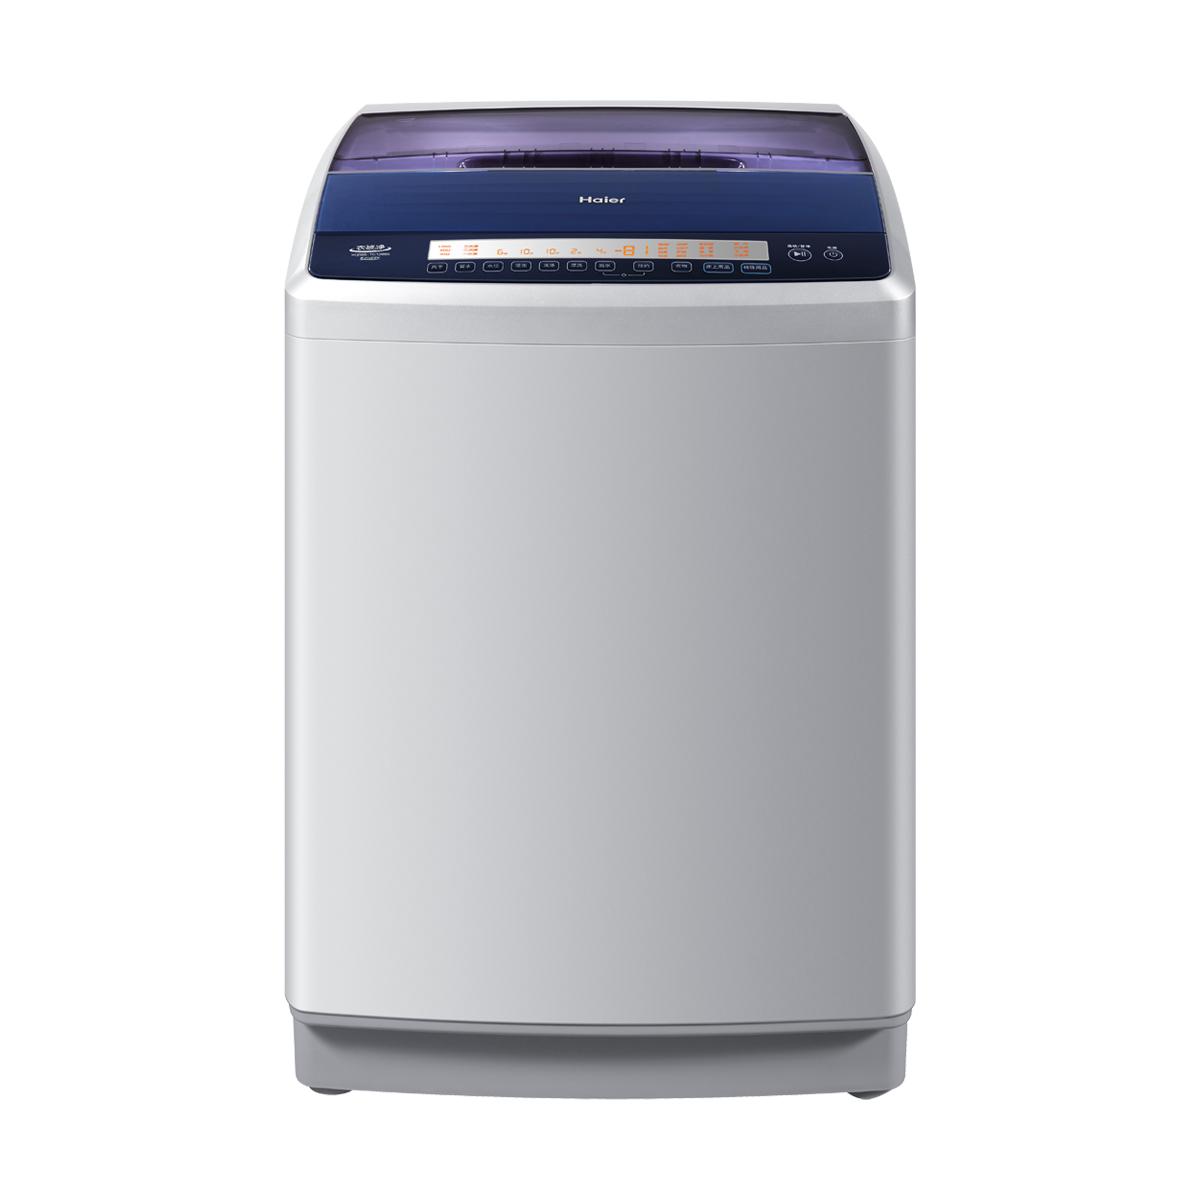 海尔Haier洗衣机 XQB85-TC1288S 说明书